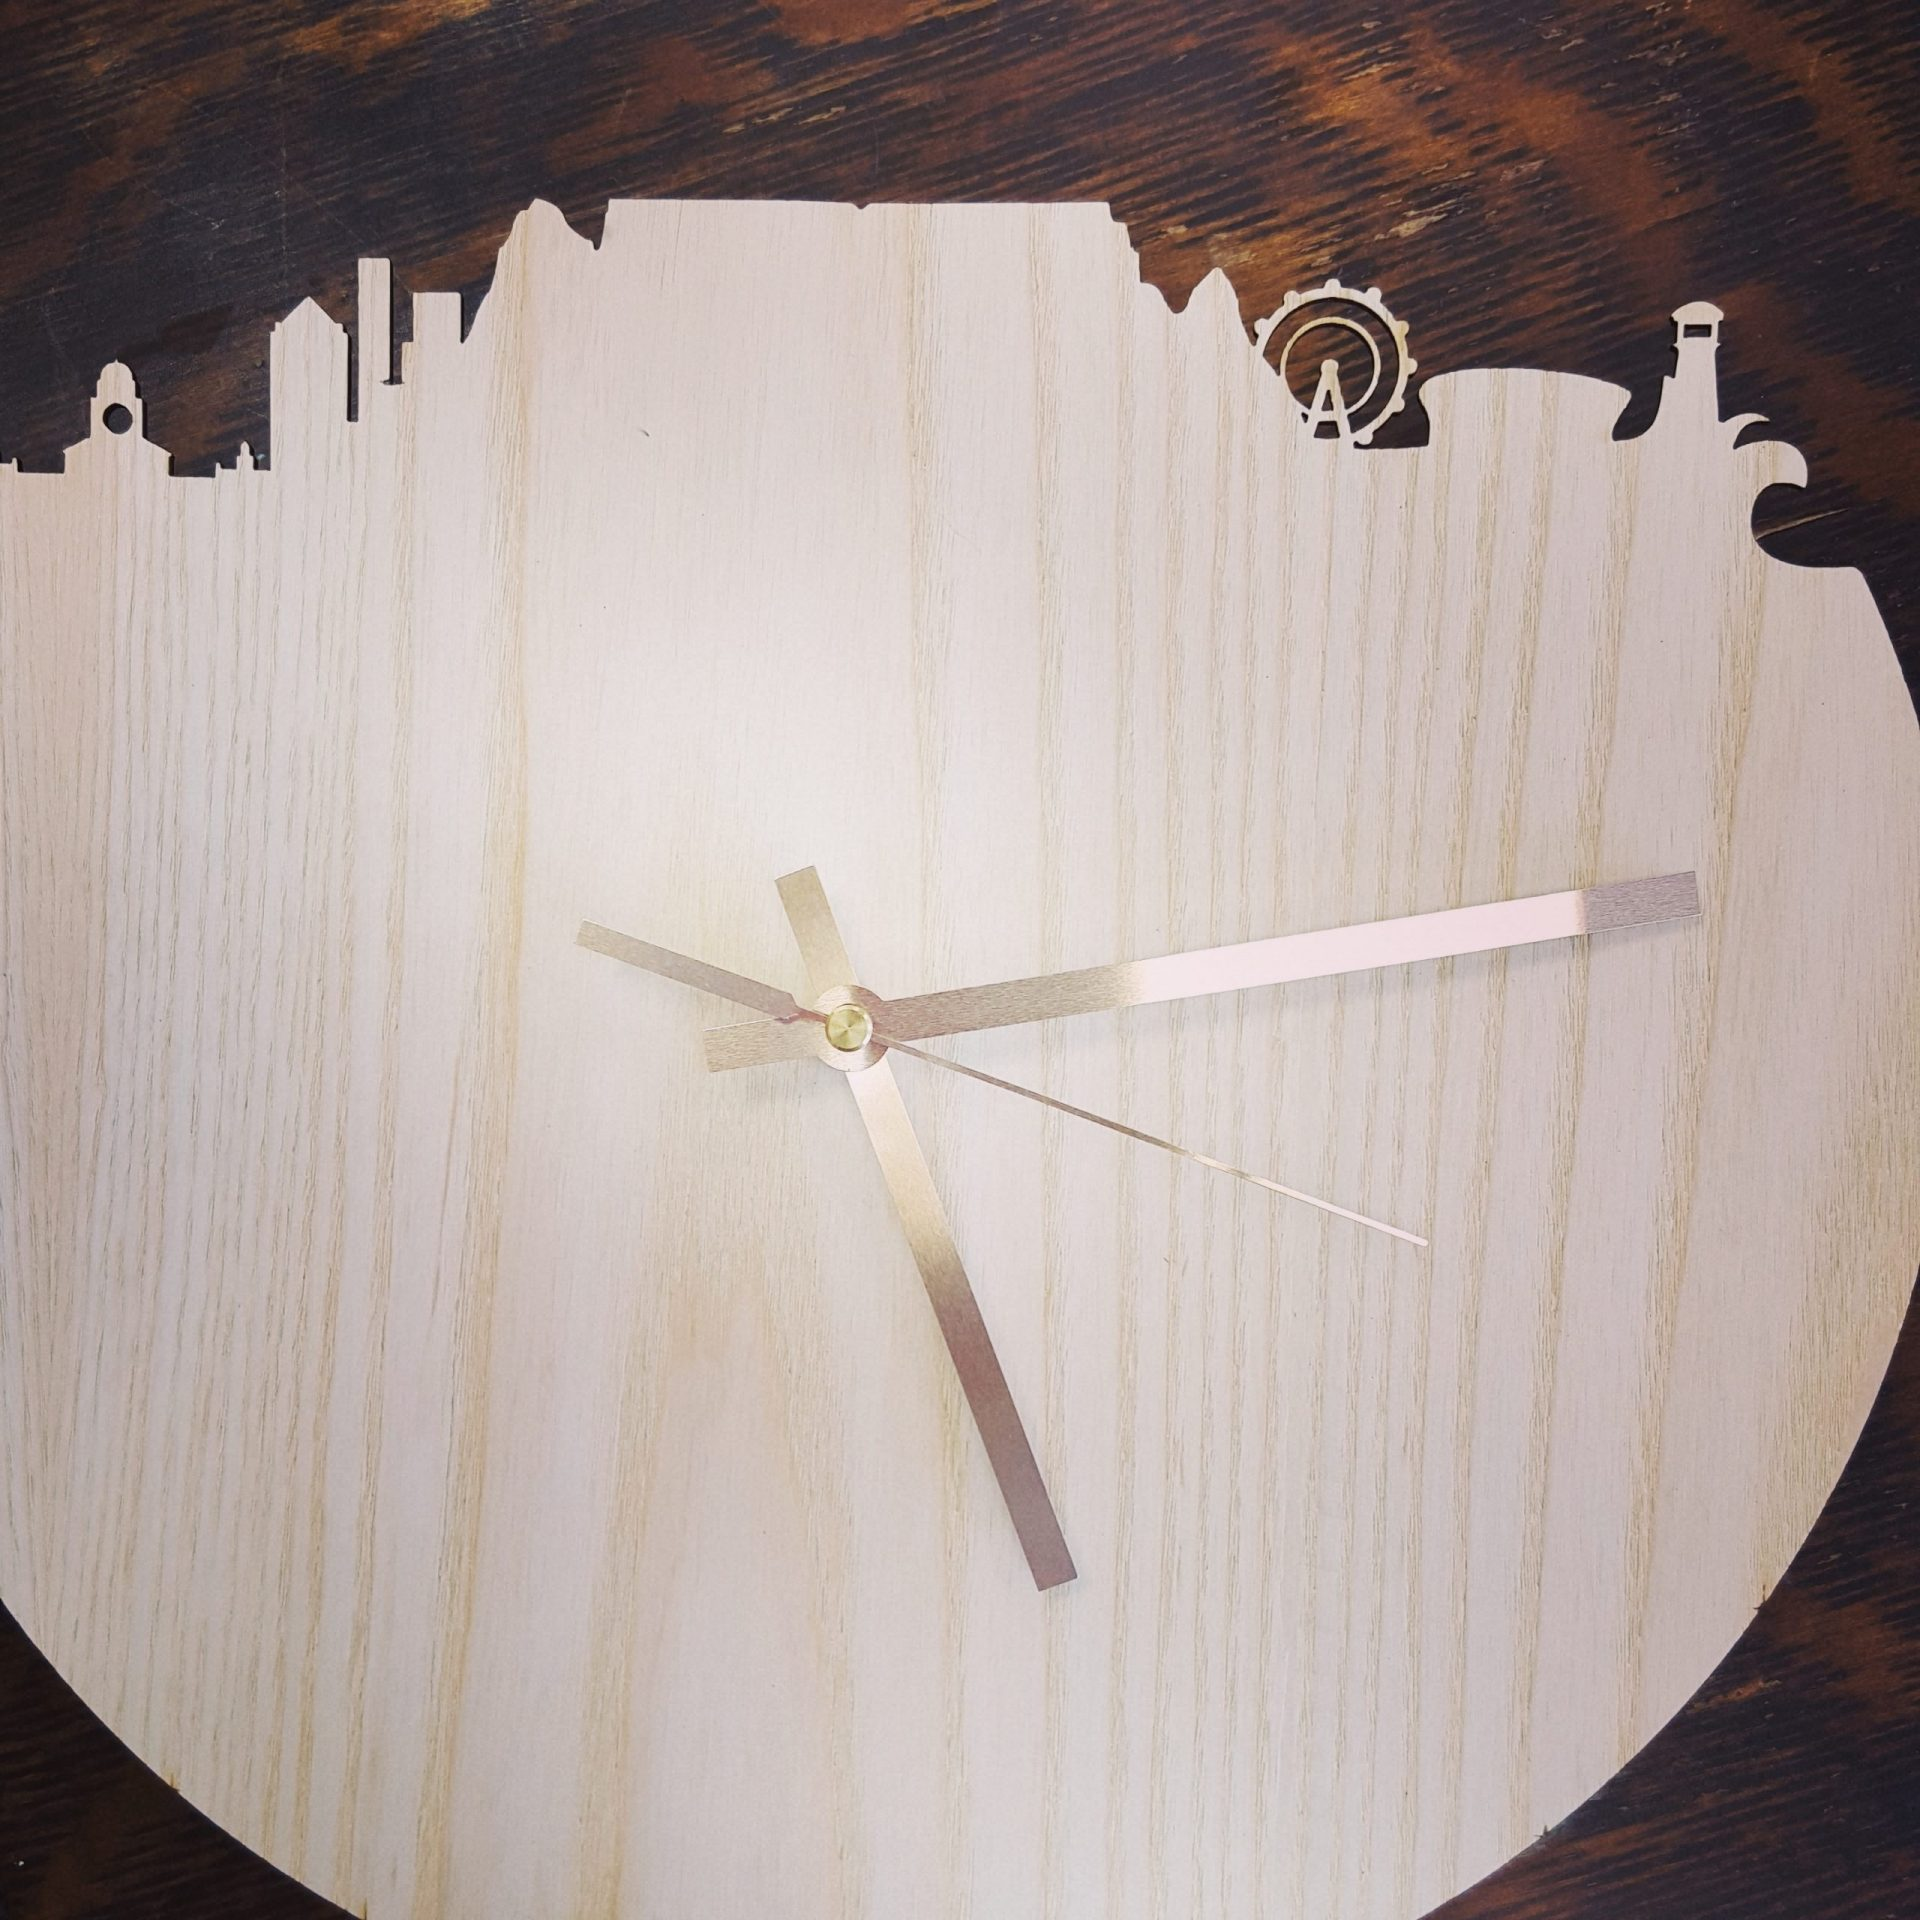 CT wall clock